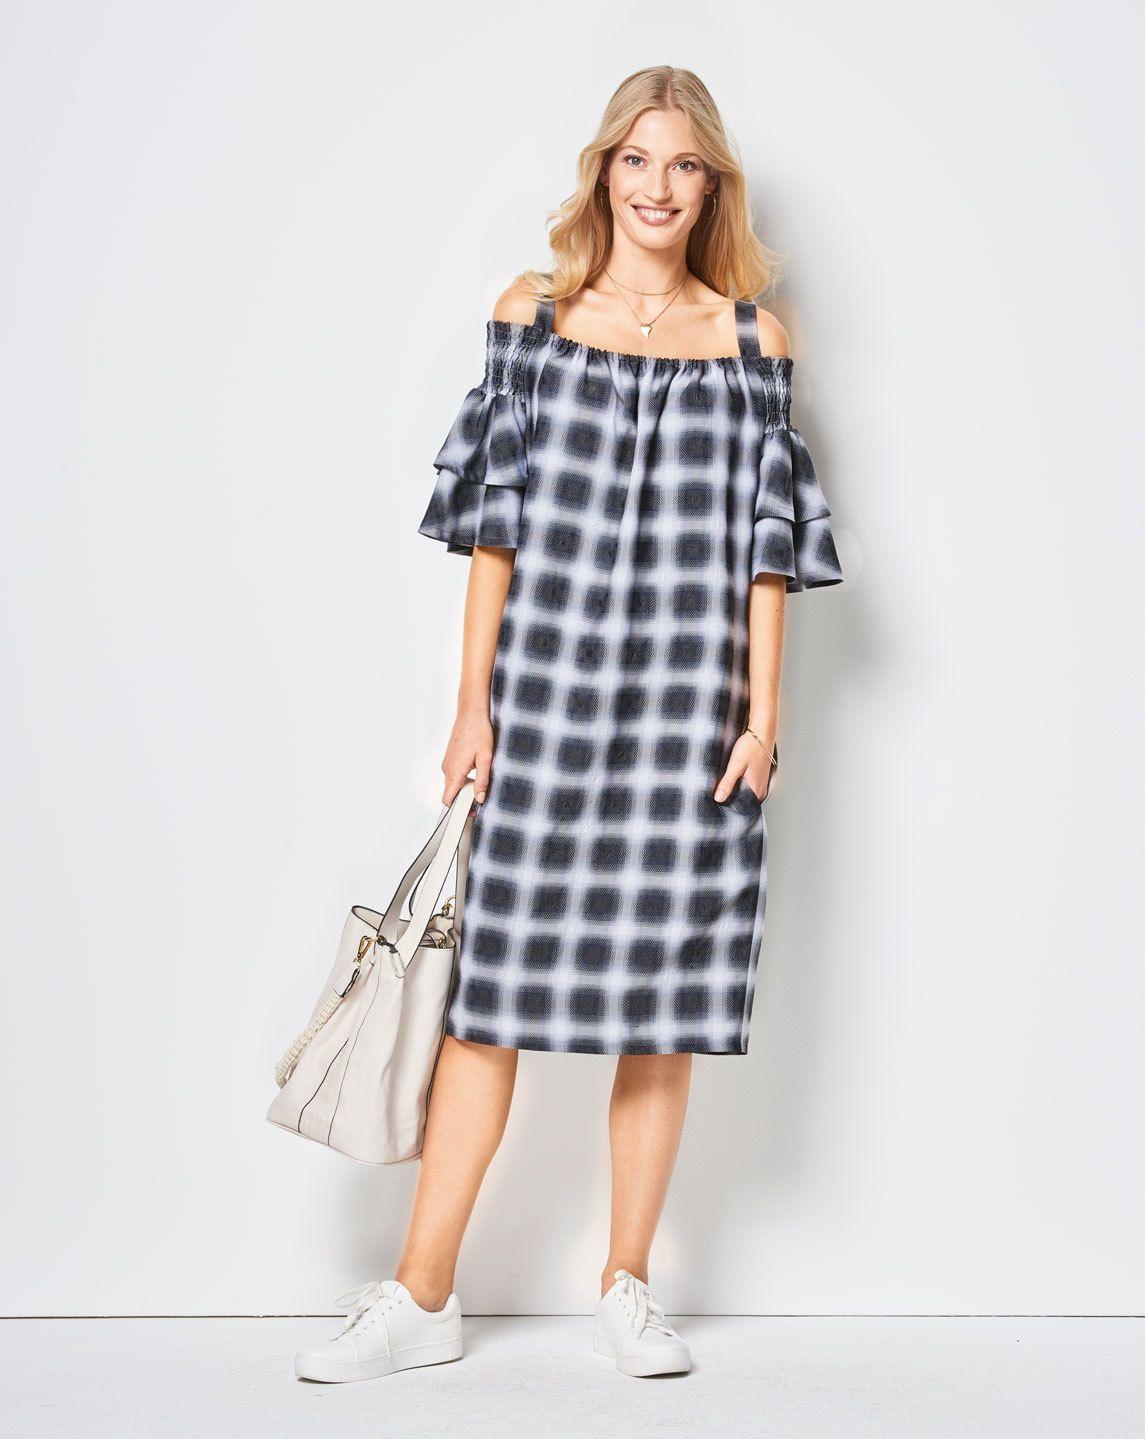 Hänger-Kleid F/S 2018 #6422B | Pinterest | legere Kleider, Schlicht ...